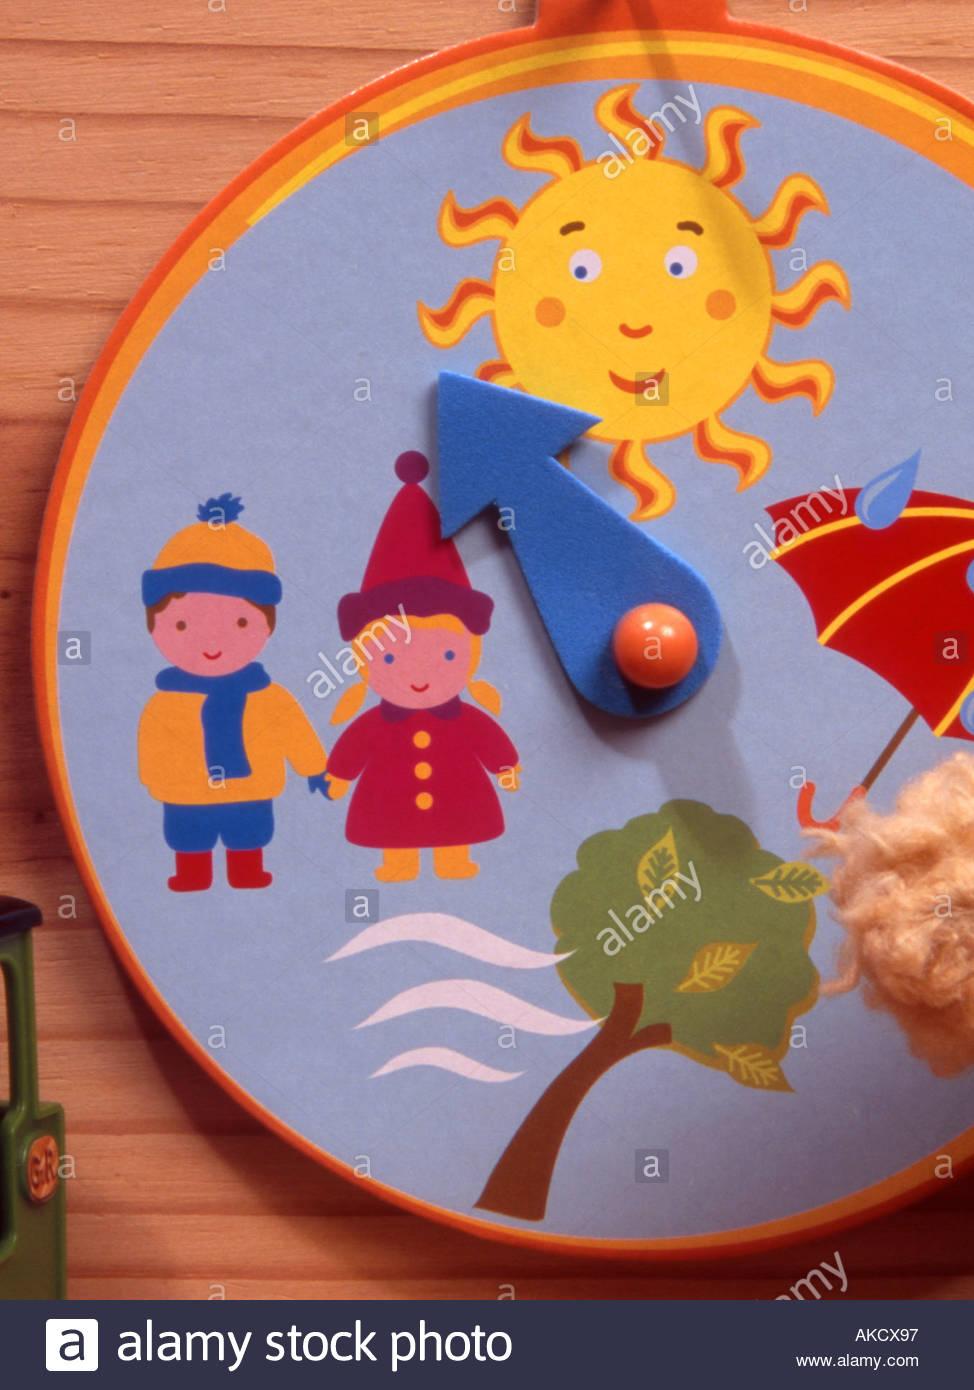 Ein Kinder Wetter Uhr Mit Bildlichen Darstellungen Von Sonne Wind